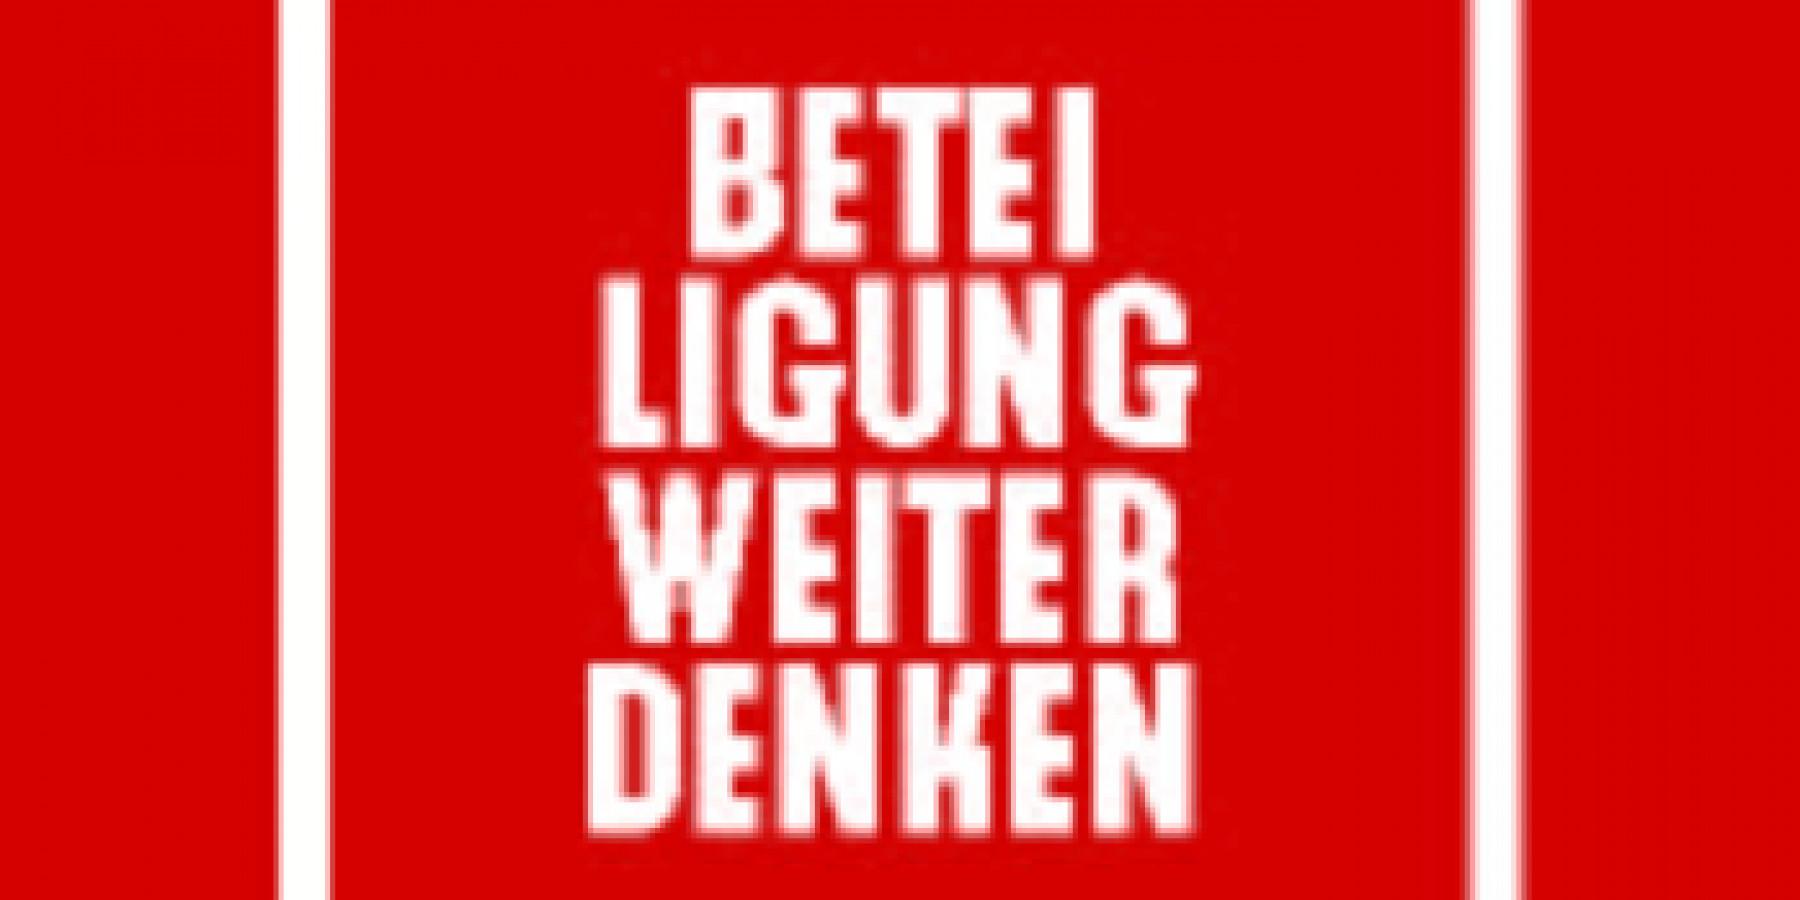 """Stadtforum """"Beteiligung weiter denken"""""""